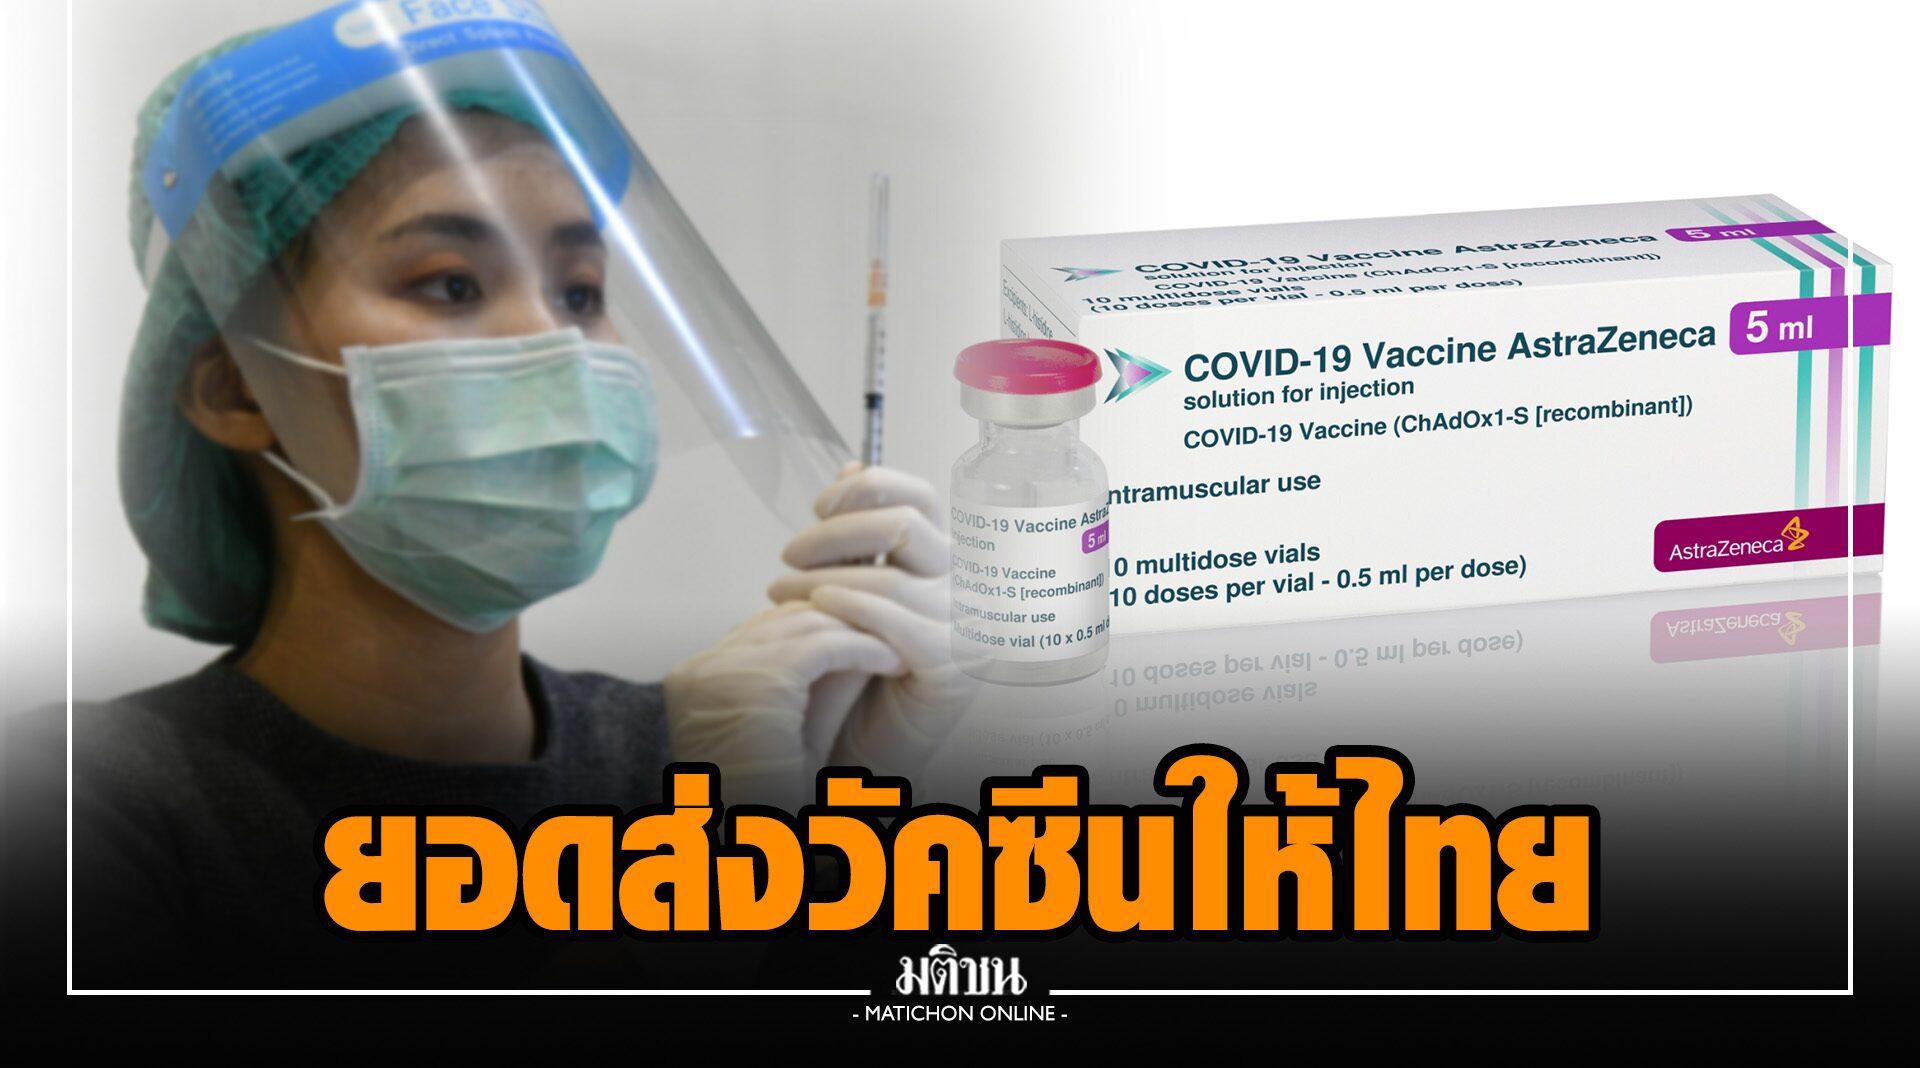 แอสตร้าฯ เผยยอดส่งวัคซีนโควิดให้ไทย ก.ค. 5.3 ล้านโดส